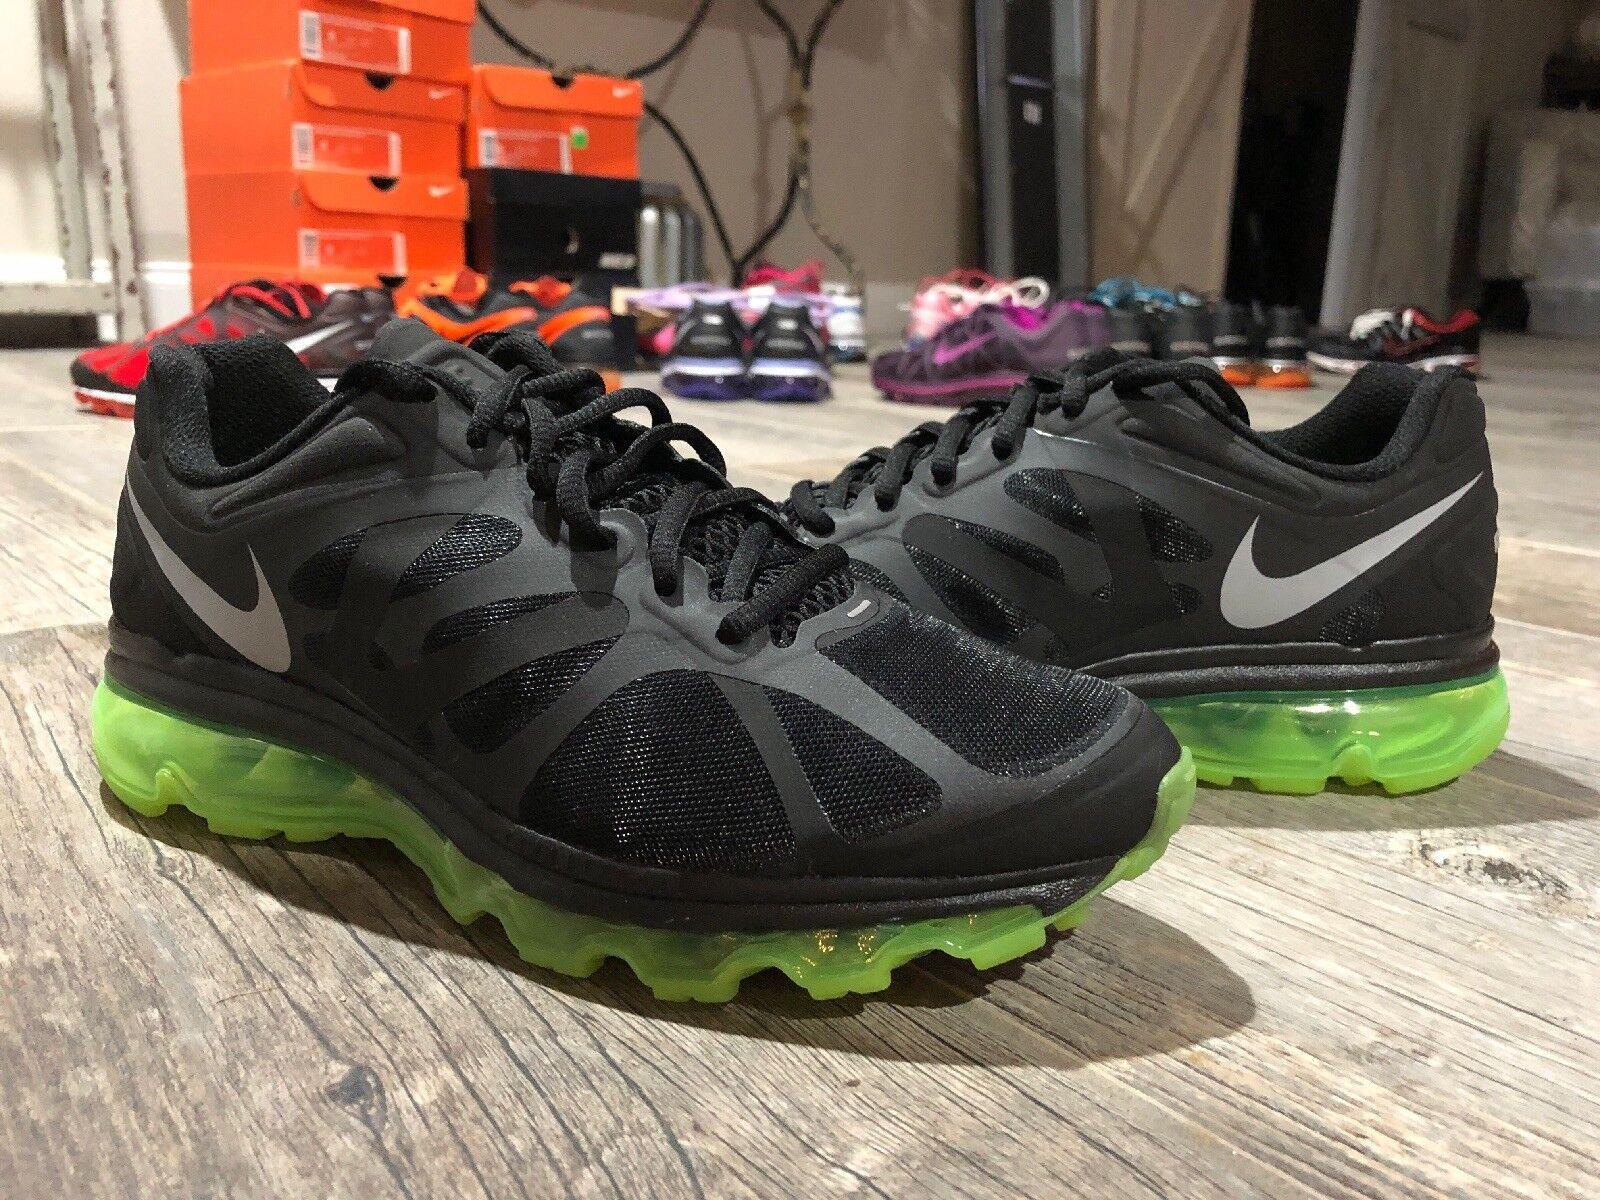 Nike Air Max 2012 487679 001 Size 8